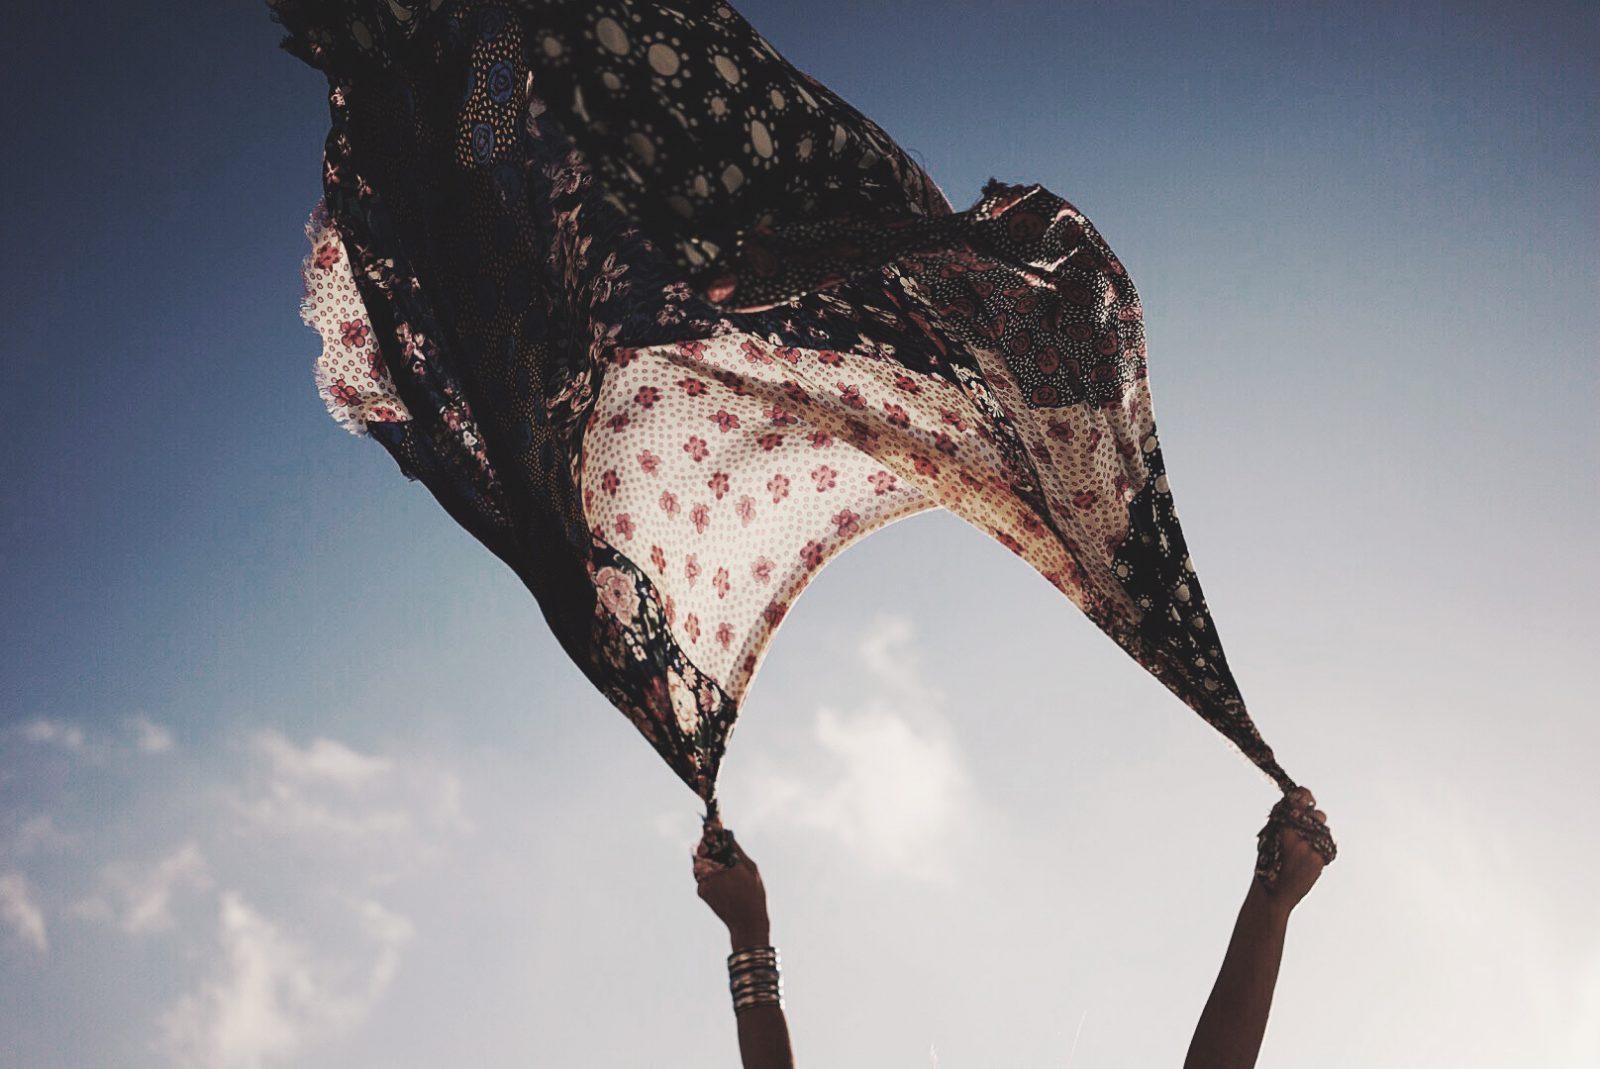 Chloe_Bag-Faye_Bag-For_Love_And_Lemons-Dress-Topknot-Soludos_Escapes-Soludos_Espadrilles-Summer-Santorini-Collage_Vintage-153